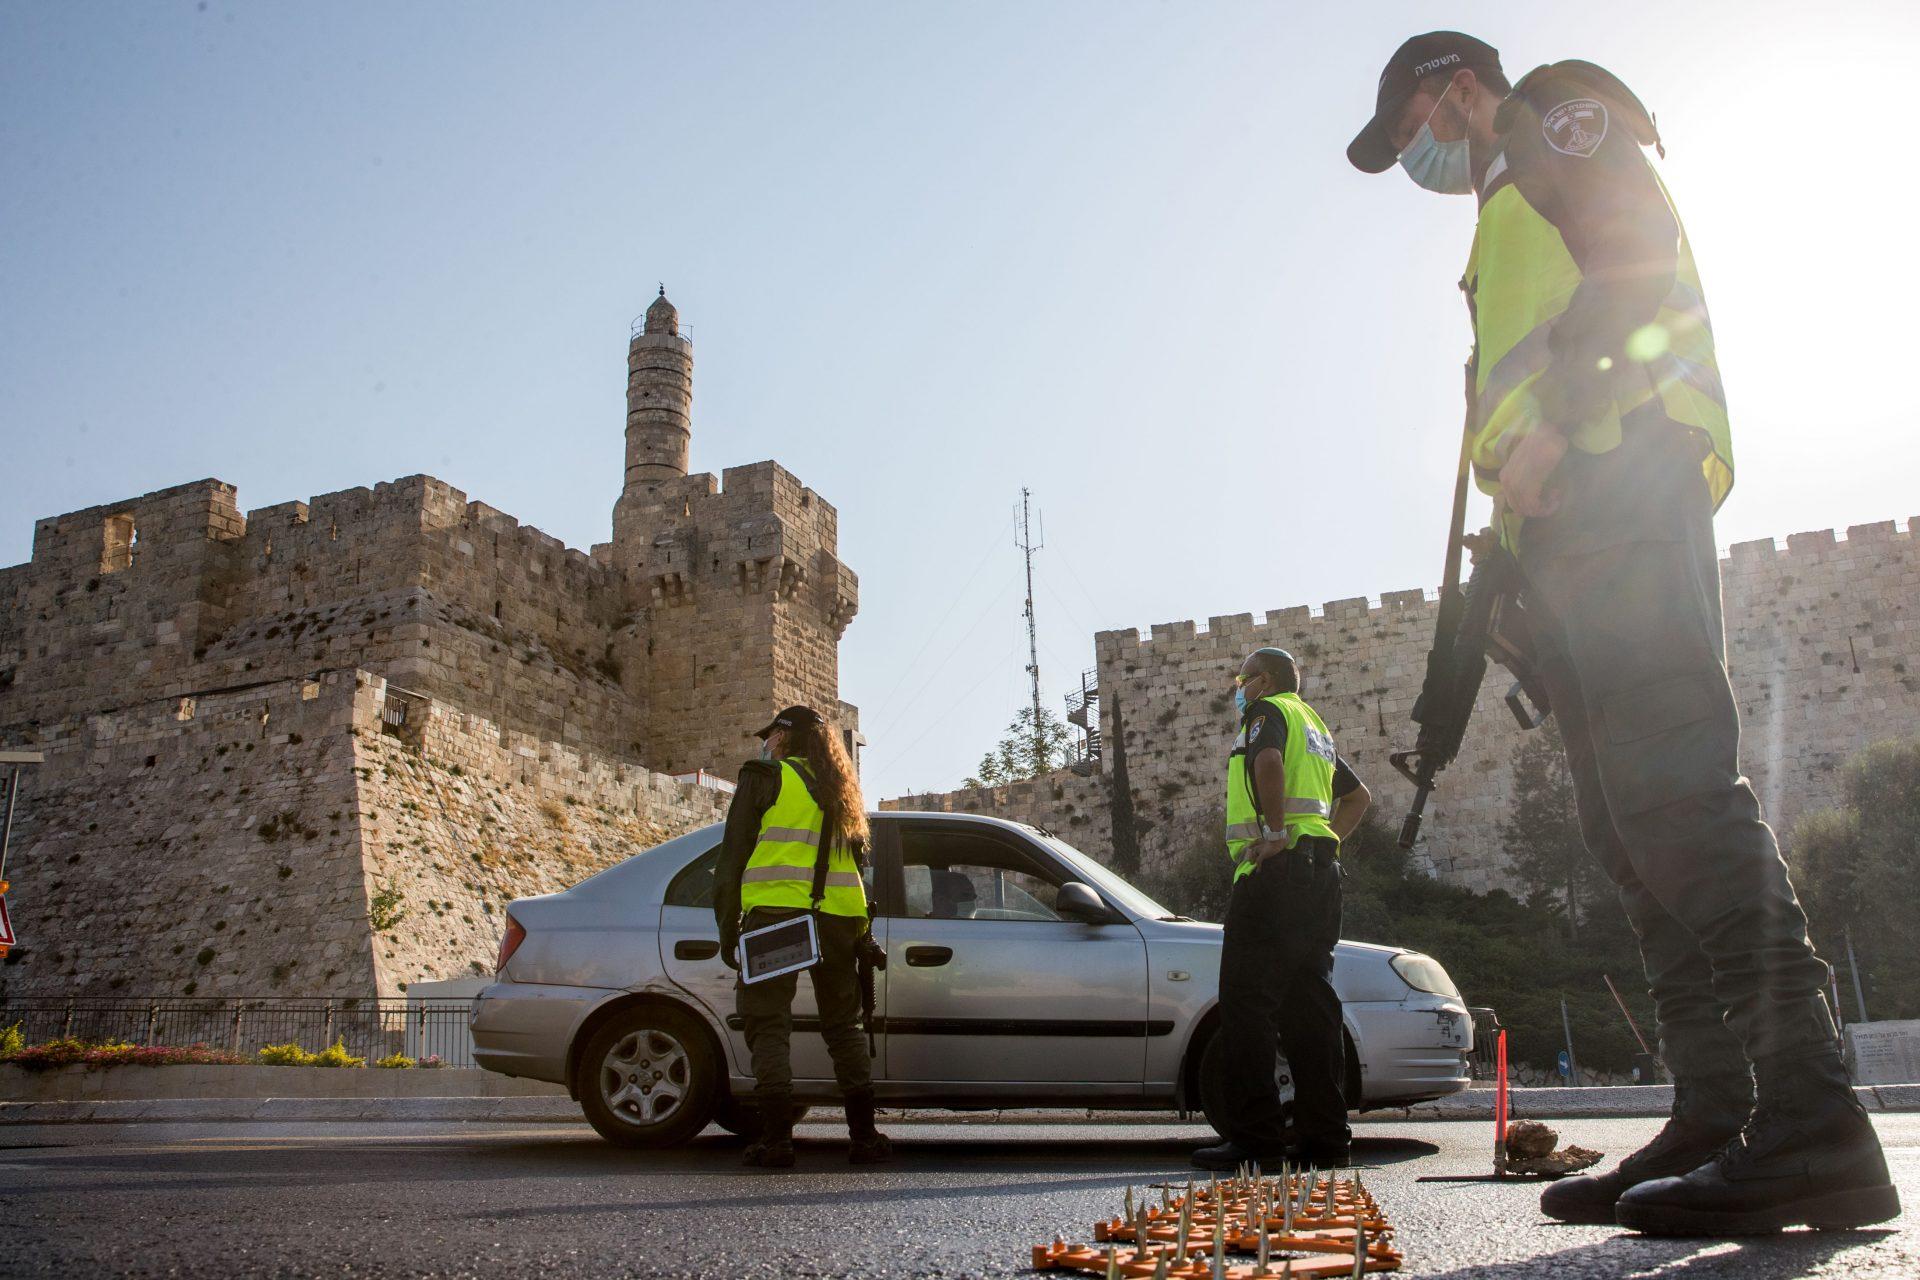 לקראת ההקלות בסגר הקורונה: 6 שכונות חרדיות בירושלים עדיין אדומות